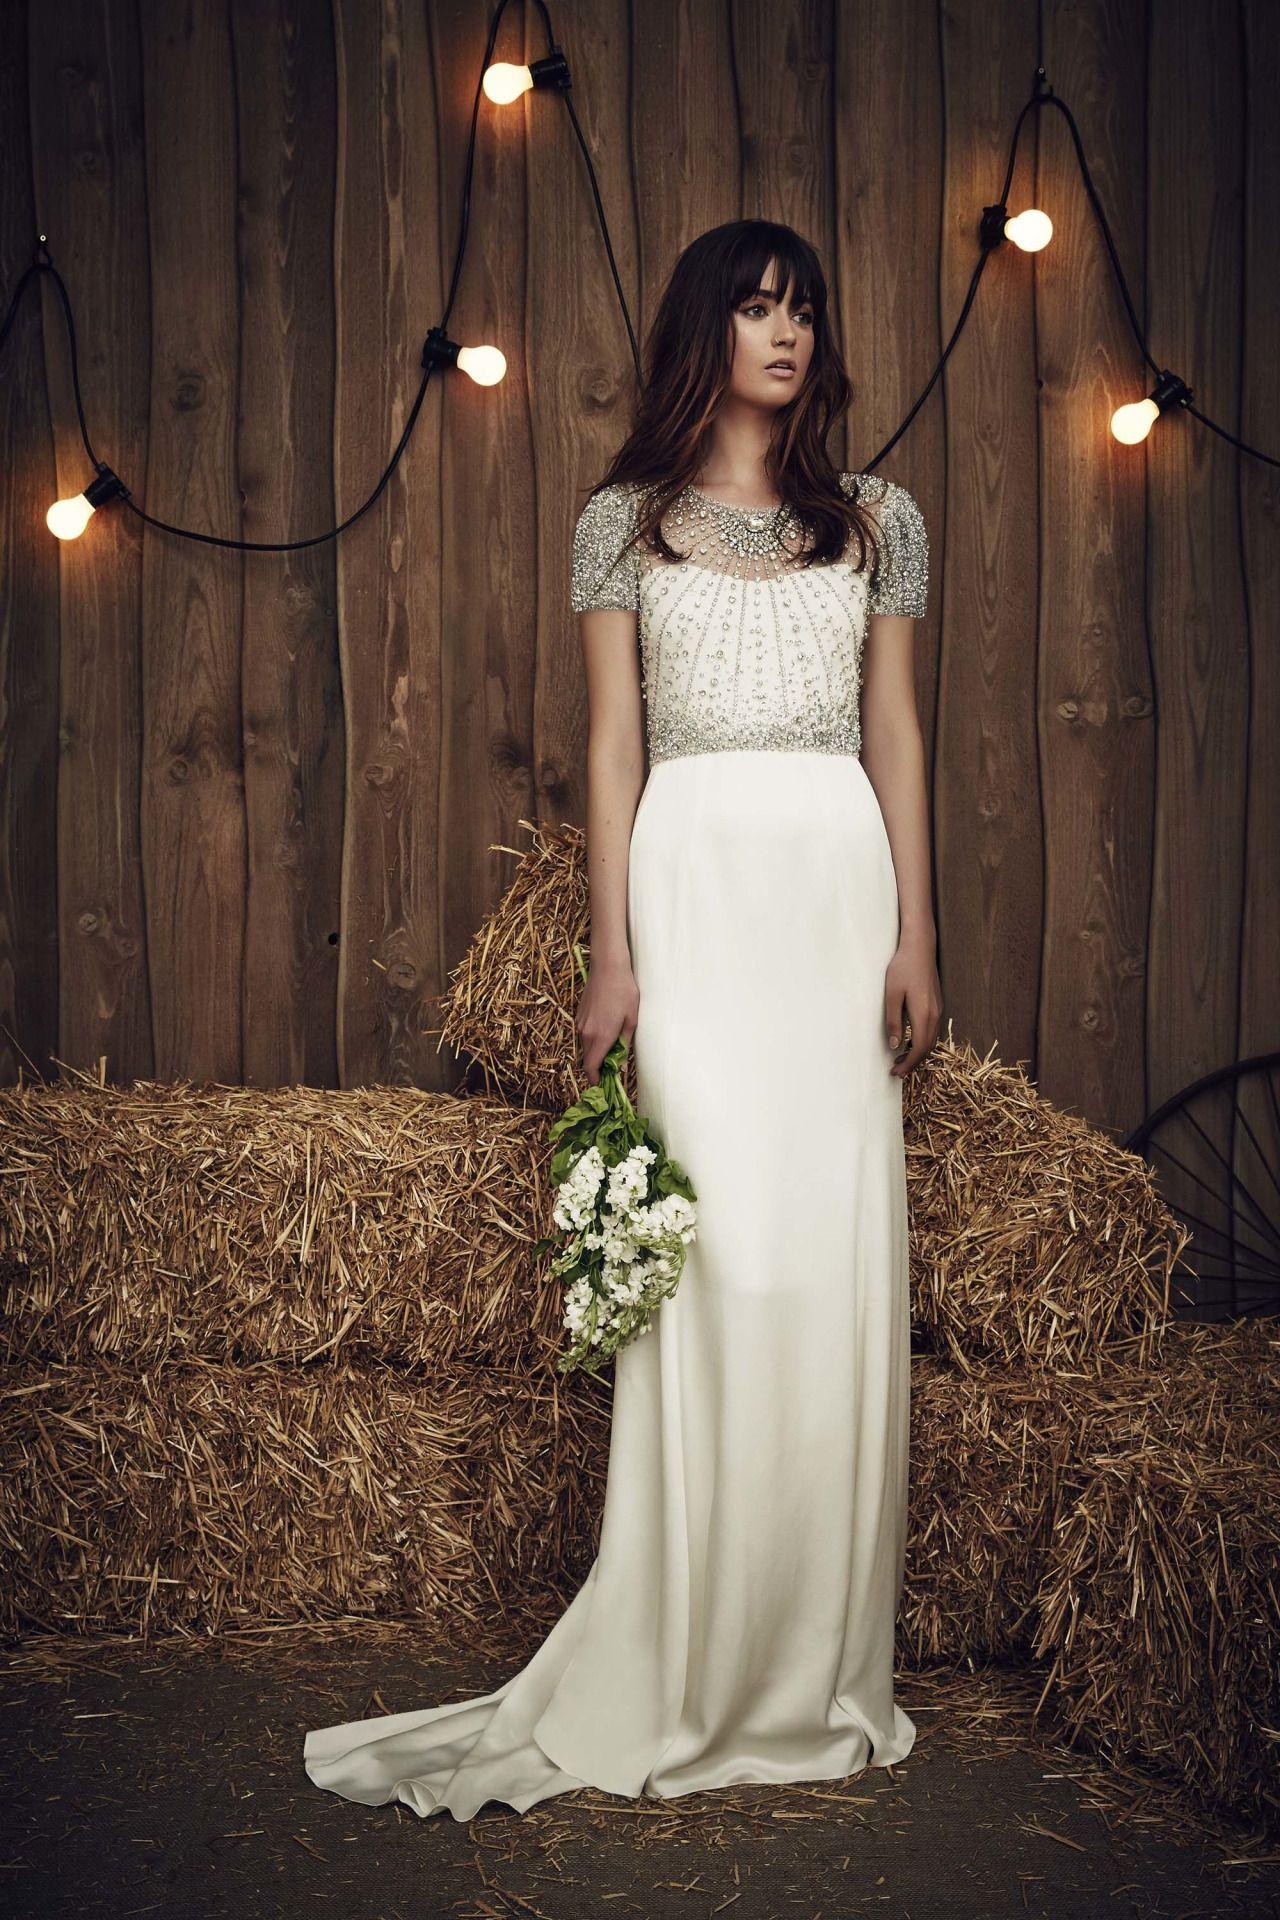 Ausgezeichnet Brautkleid Geschäfte In San Antonio Fotos - Hochzeit ...